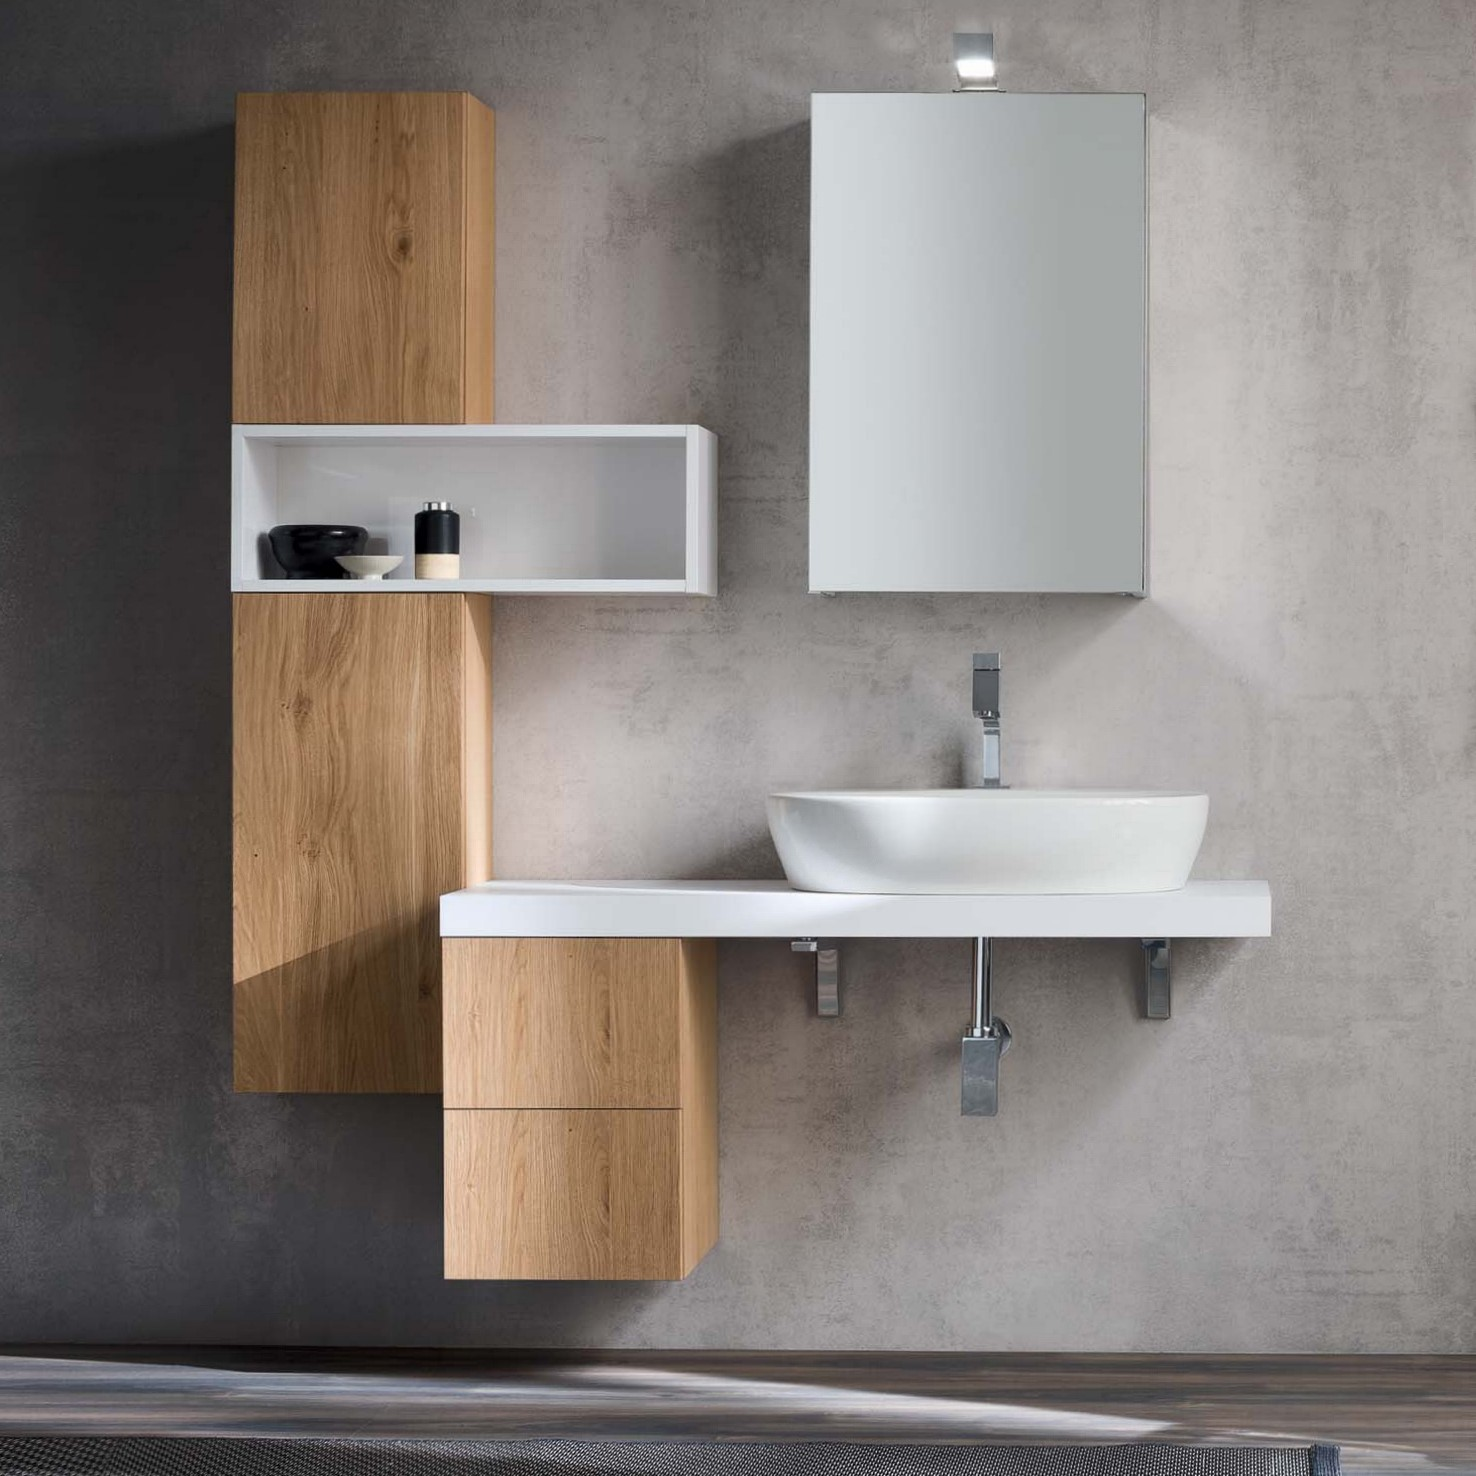 Idee - Mobile bagno moderno: una mensola per il lavabo ...